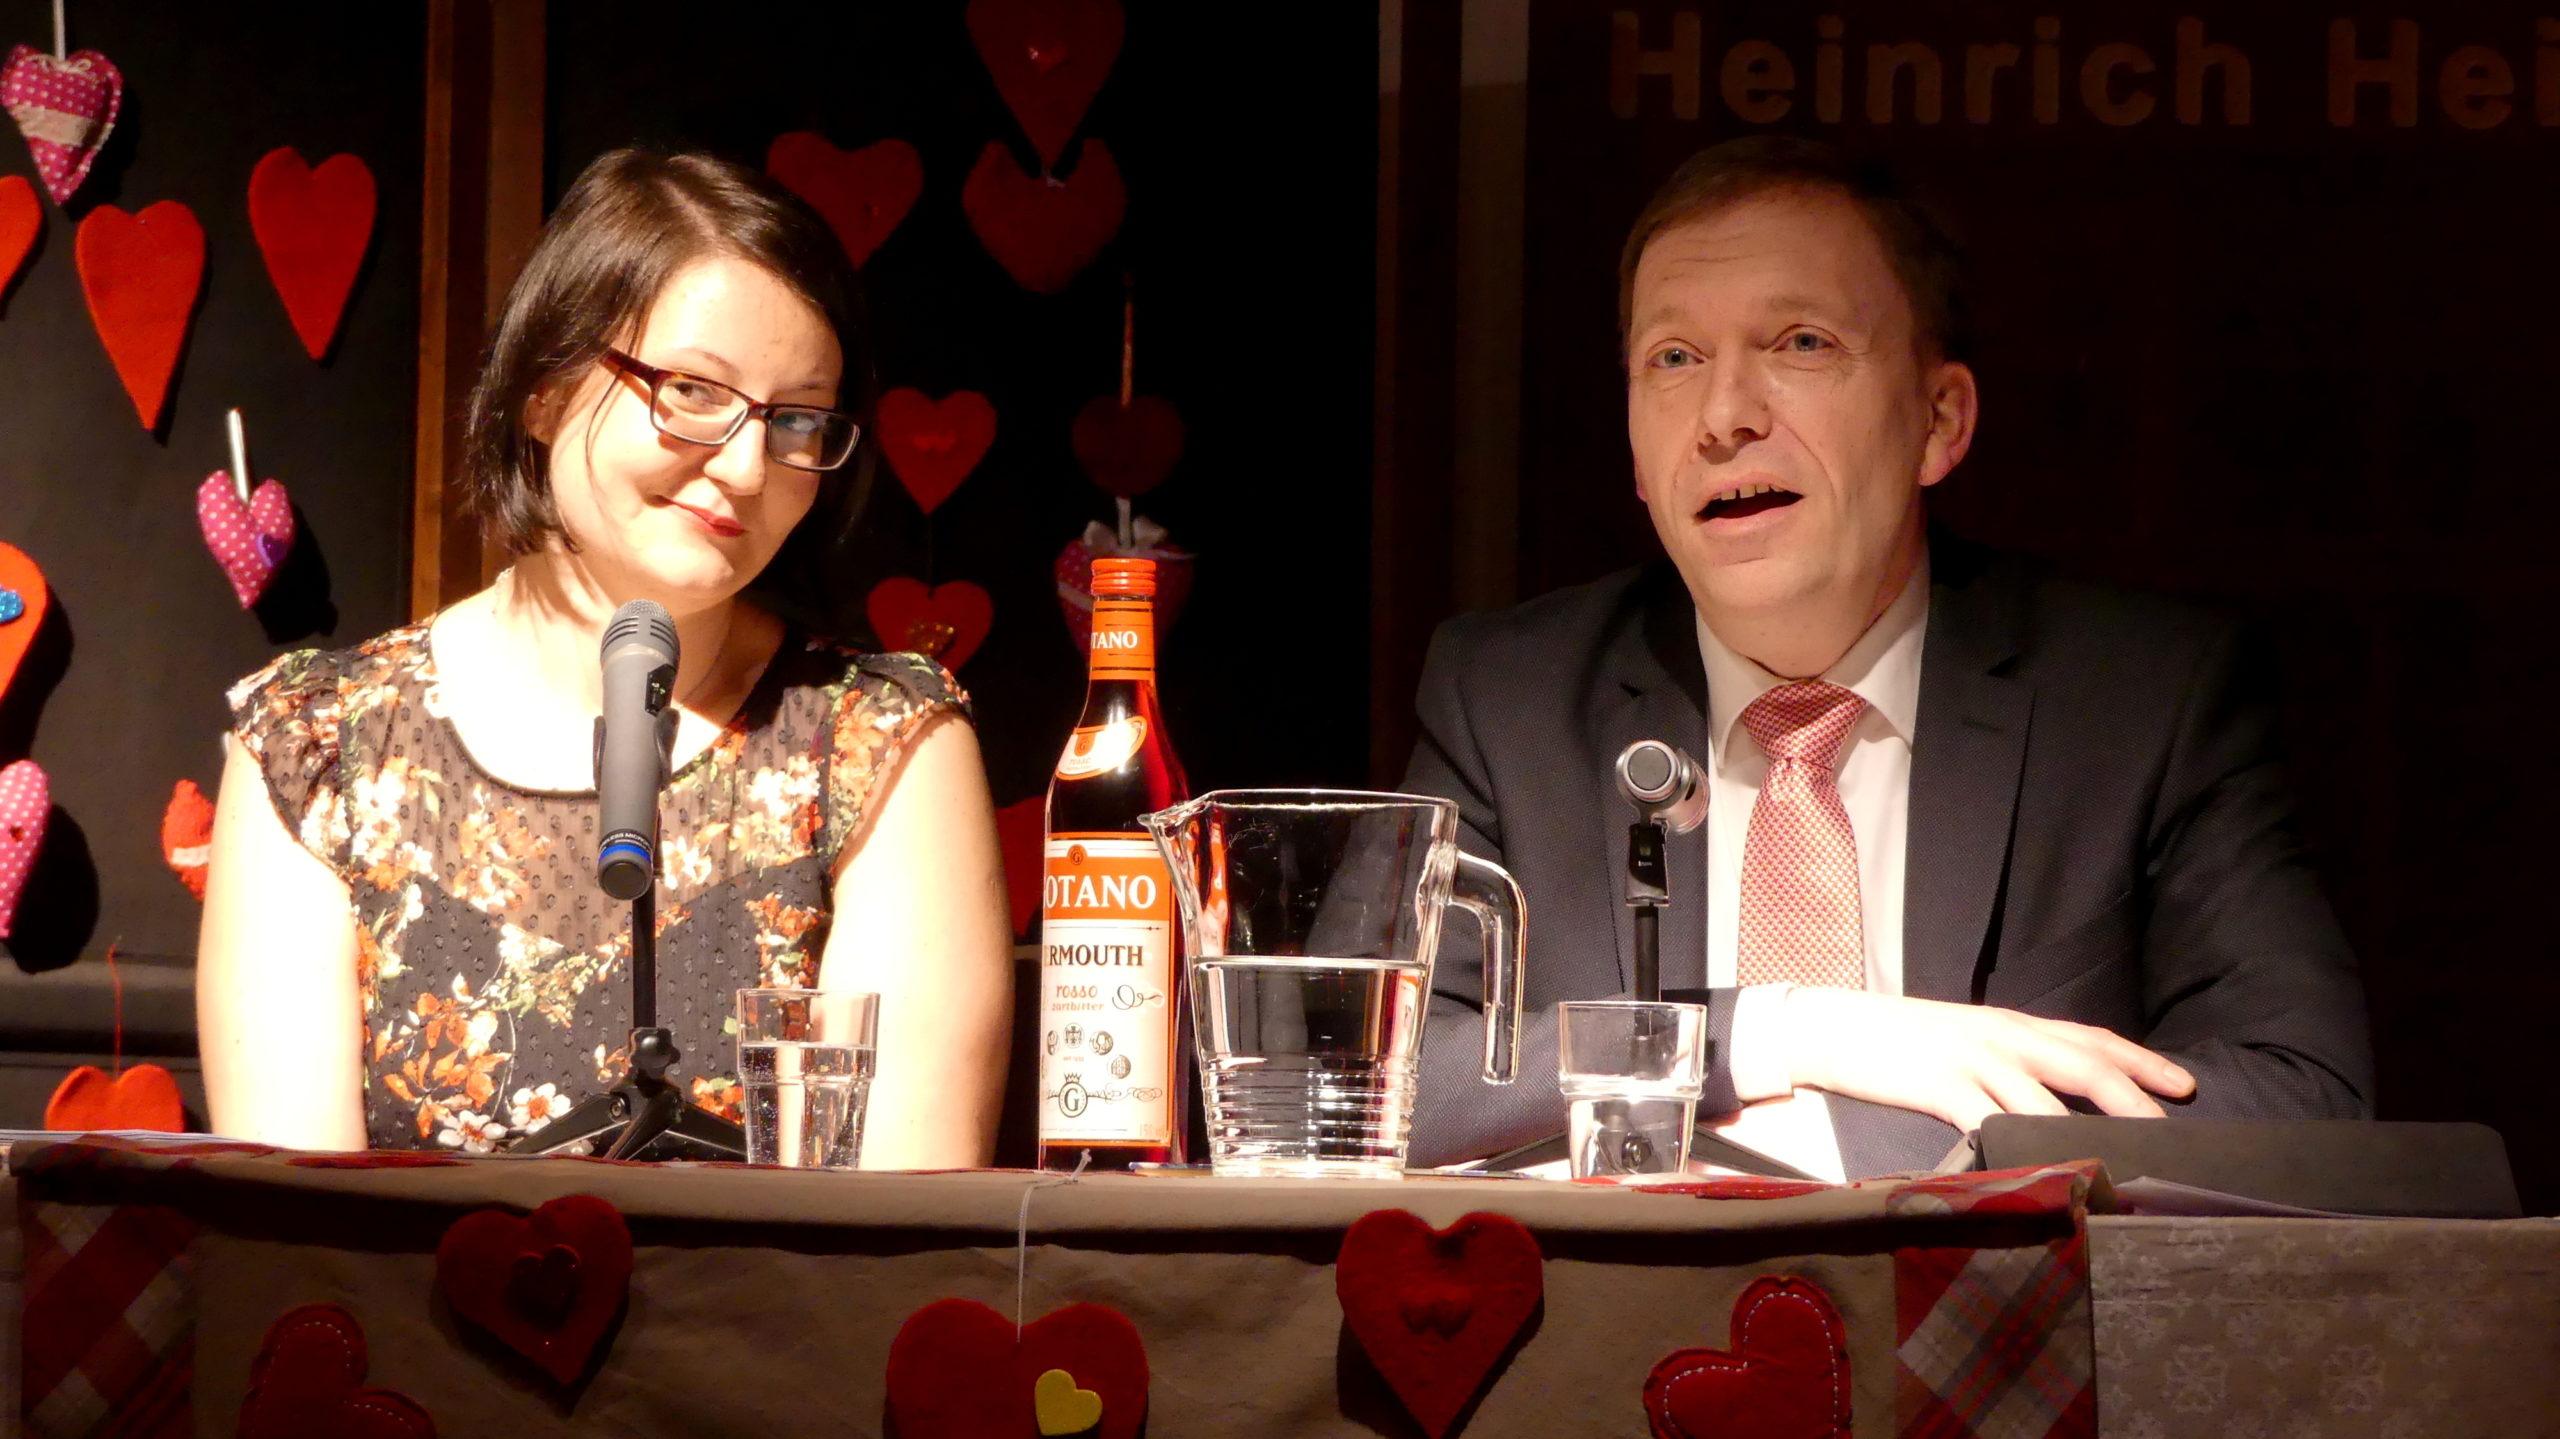 Stadtbibliothek feiert mit Lesung, Musik, Rosen und Wein den Valentinstag auf besondere Weise